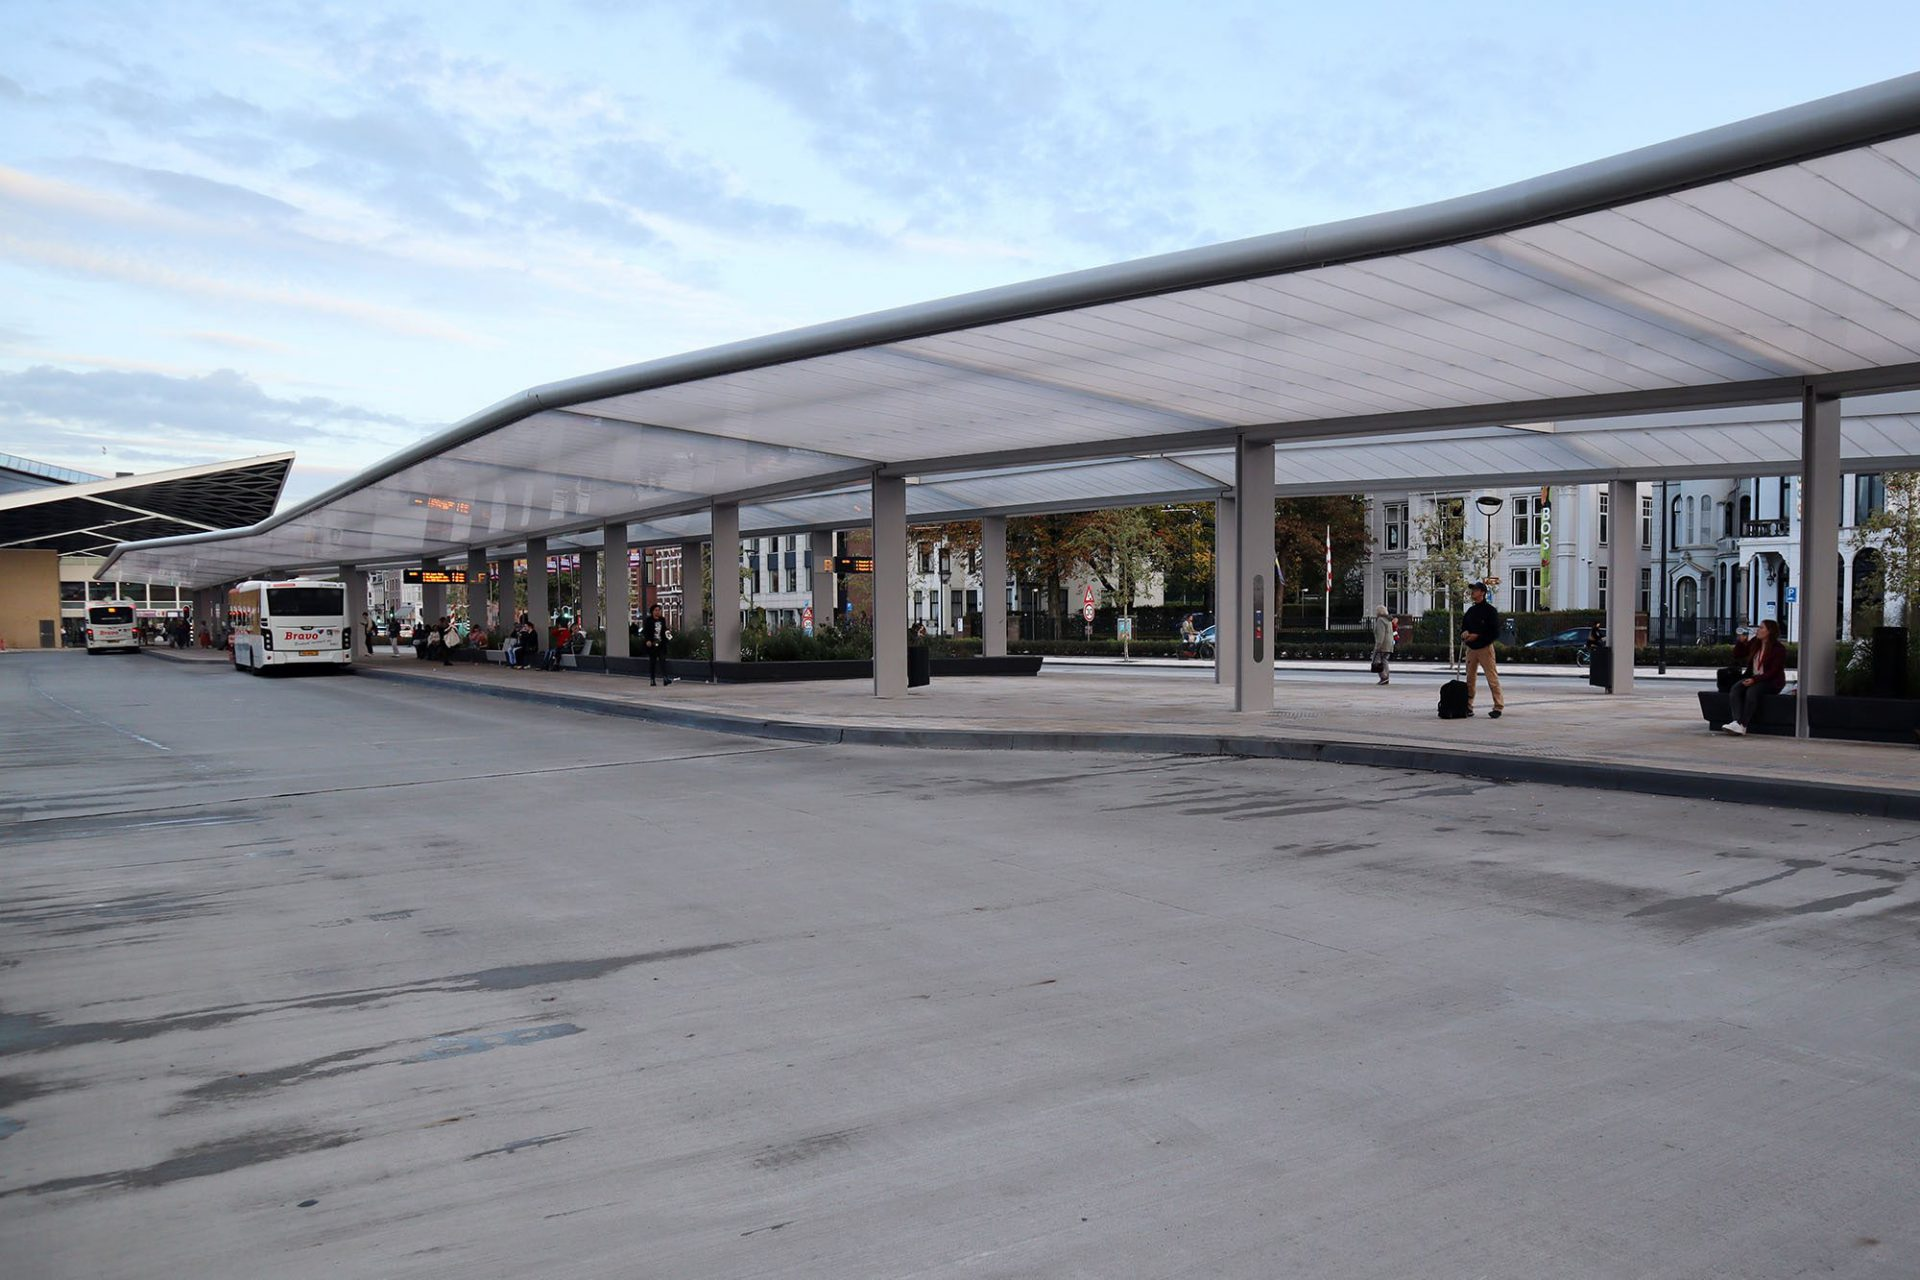 Busbahnhof. Der strahlend weiße Terminal ist der erste autark betriebene der Niederlande. Die mit einer ETFE-Folie bespannte Dachfläche ist selbstreinigend und wartungsfrei. Selbstverständlich ist der Busbahnhof bereits auf die Platzierung von zusätzlichen elektrischen Geräten vorbereitet wie beispielsweise Ladestationen für elektrische Busse.